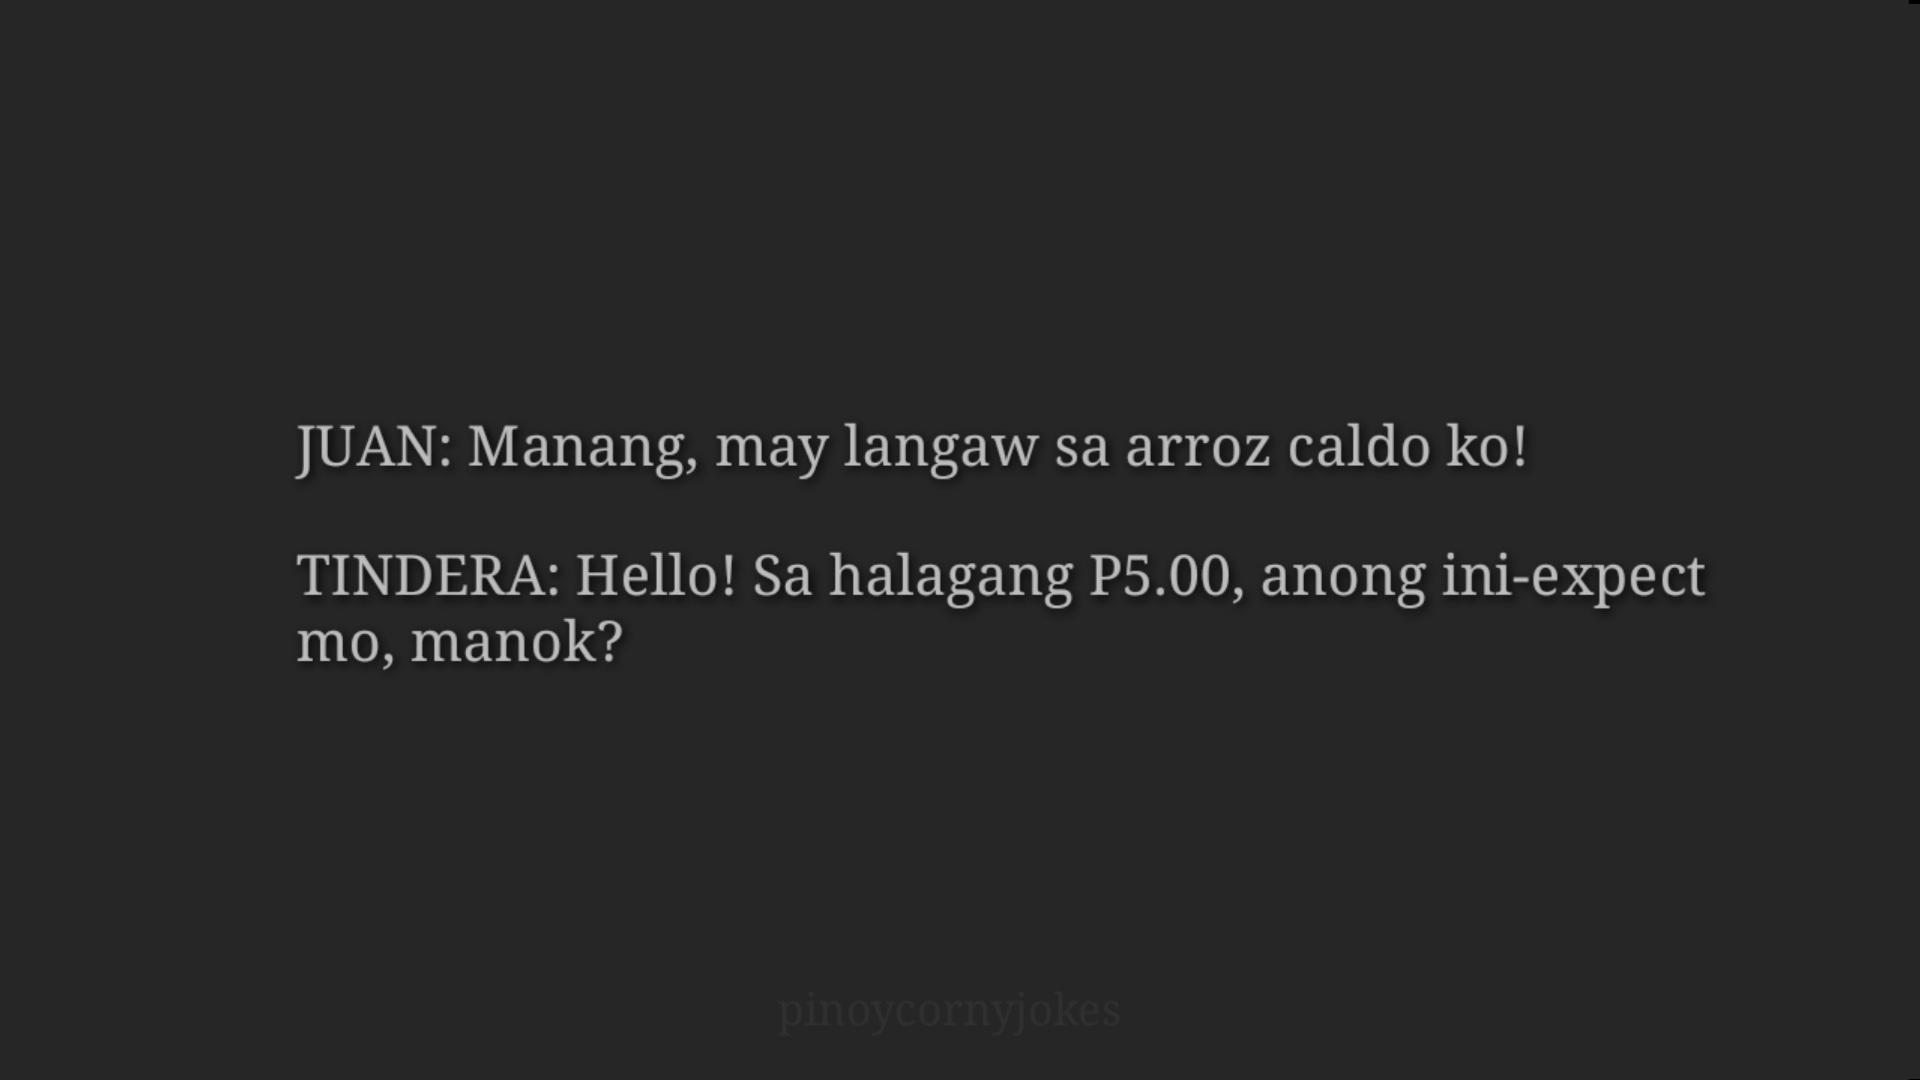 Arroz Caldo - Pinoy Jokes 2021